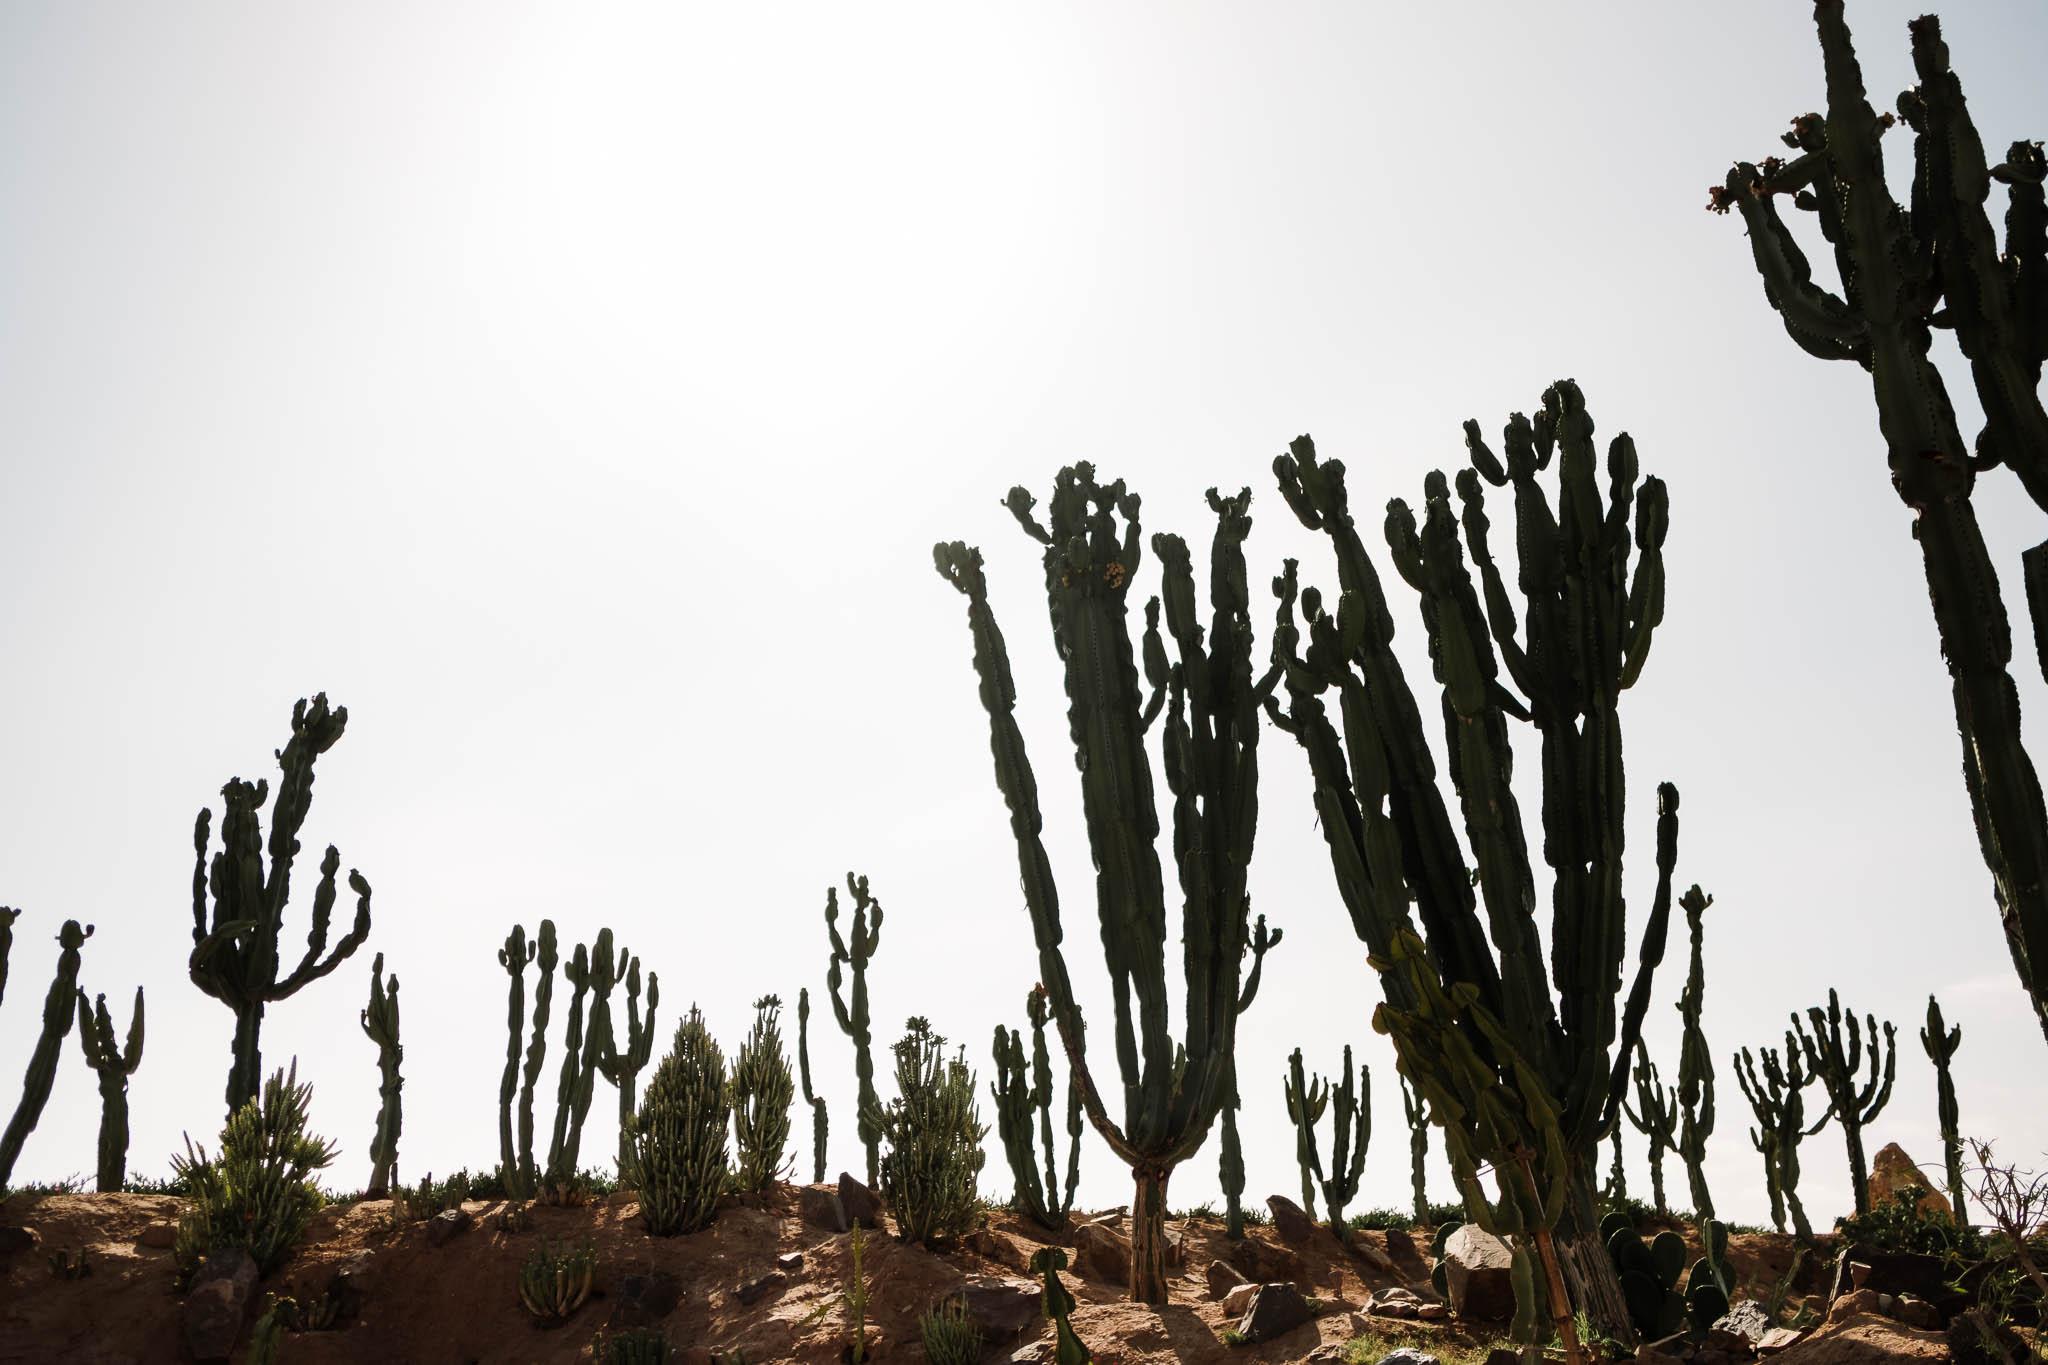 cactus plants in sun